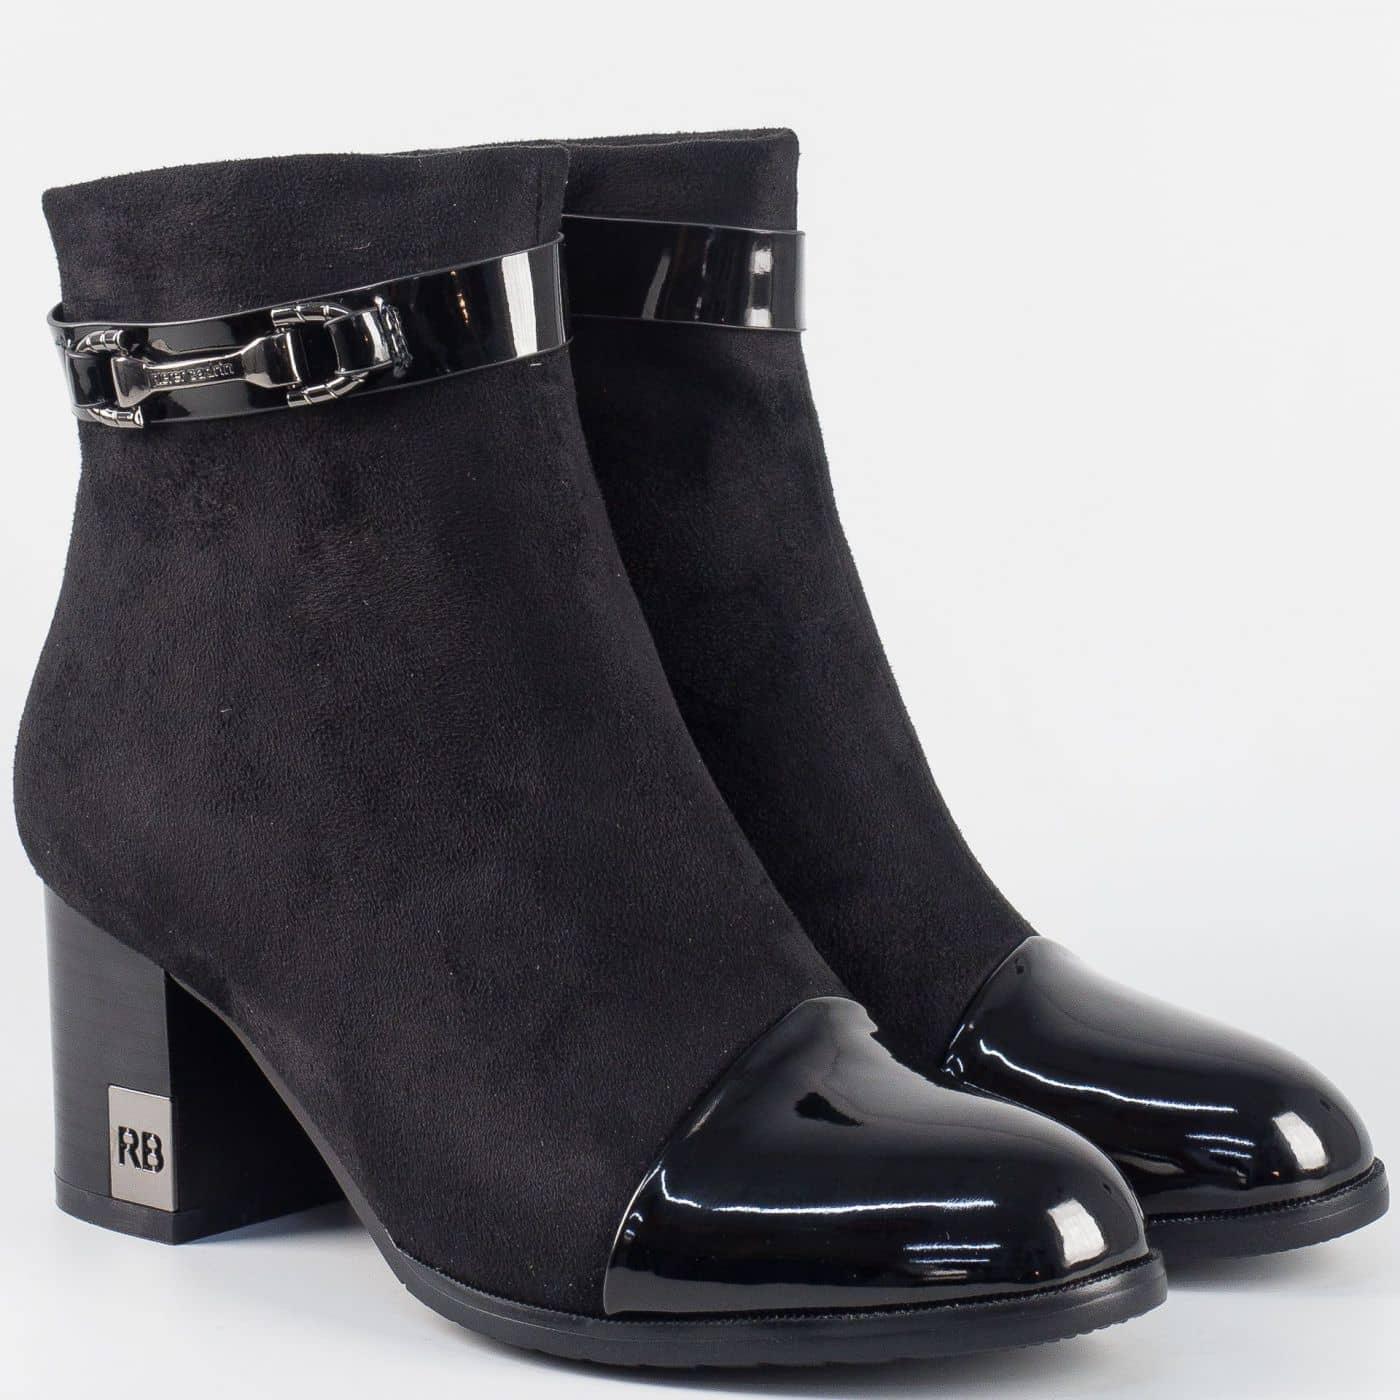 378a18e7dad Дамски елегантни боти в черен цвят- Eliza на висок ток 2401803ch - Sisi -bg.com